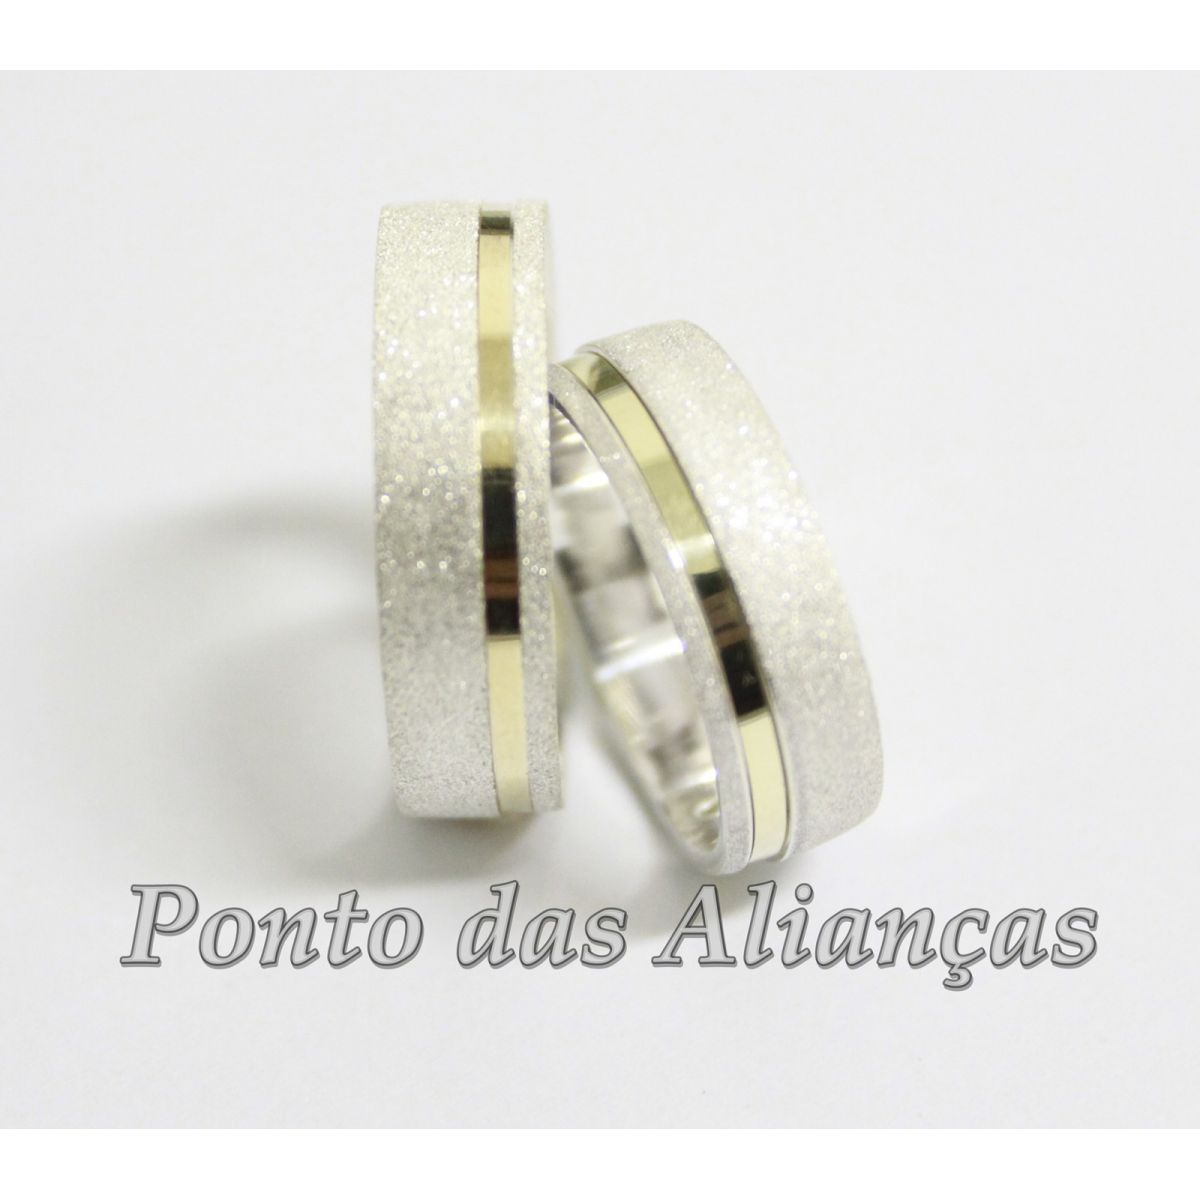 98bcc1c39 ... Alianças de Ouro e Prata Casamento ou Noivado - 545 - Ponto das Alianças  ...